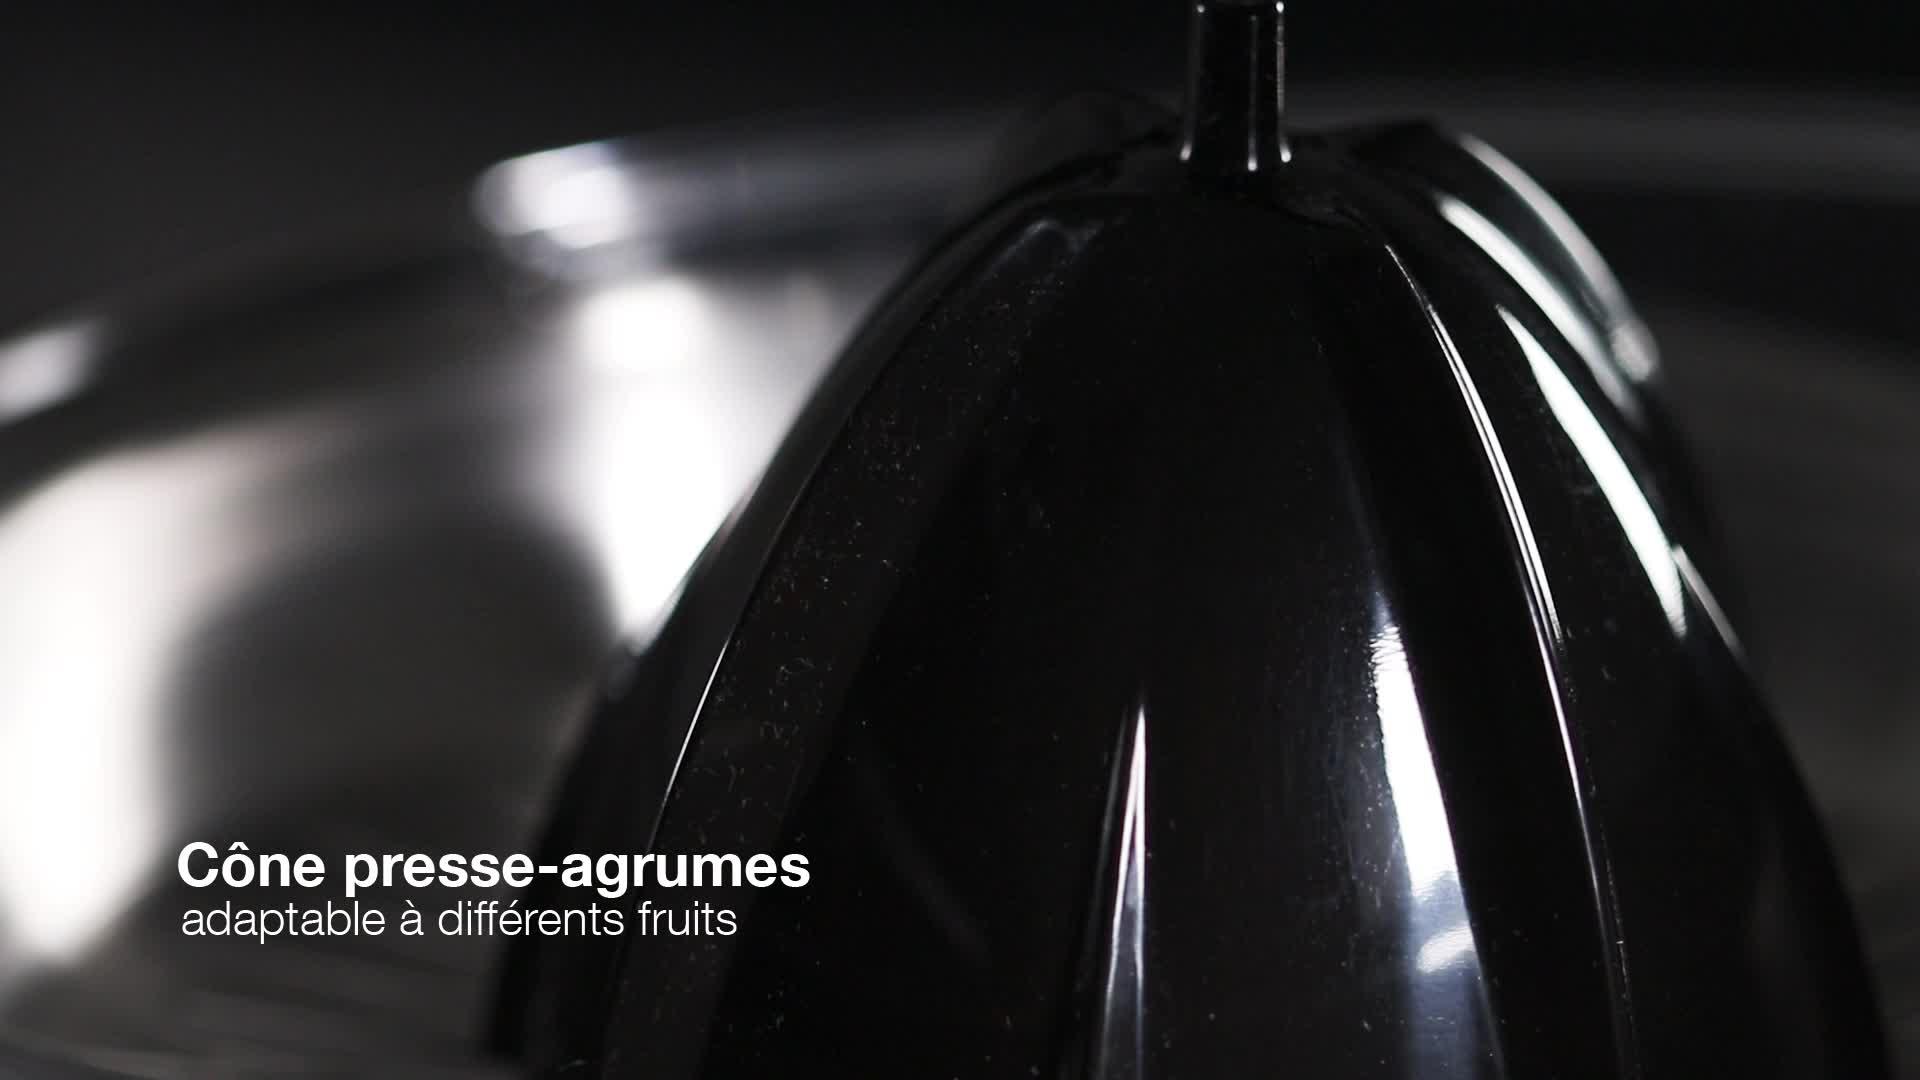 Coul/ée Continue Double Sens de Rotation Bras pour lextraction jus,Amovible pour Un Nettoyage Facile Di4 8486 Succo Pro160-Presse-agrumes /à Levier,160W de Puissance Syst/ème Anti-Goutte